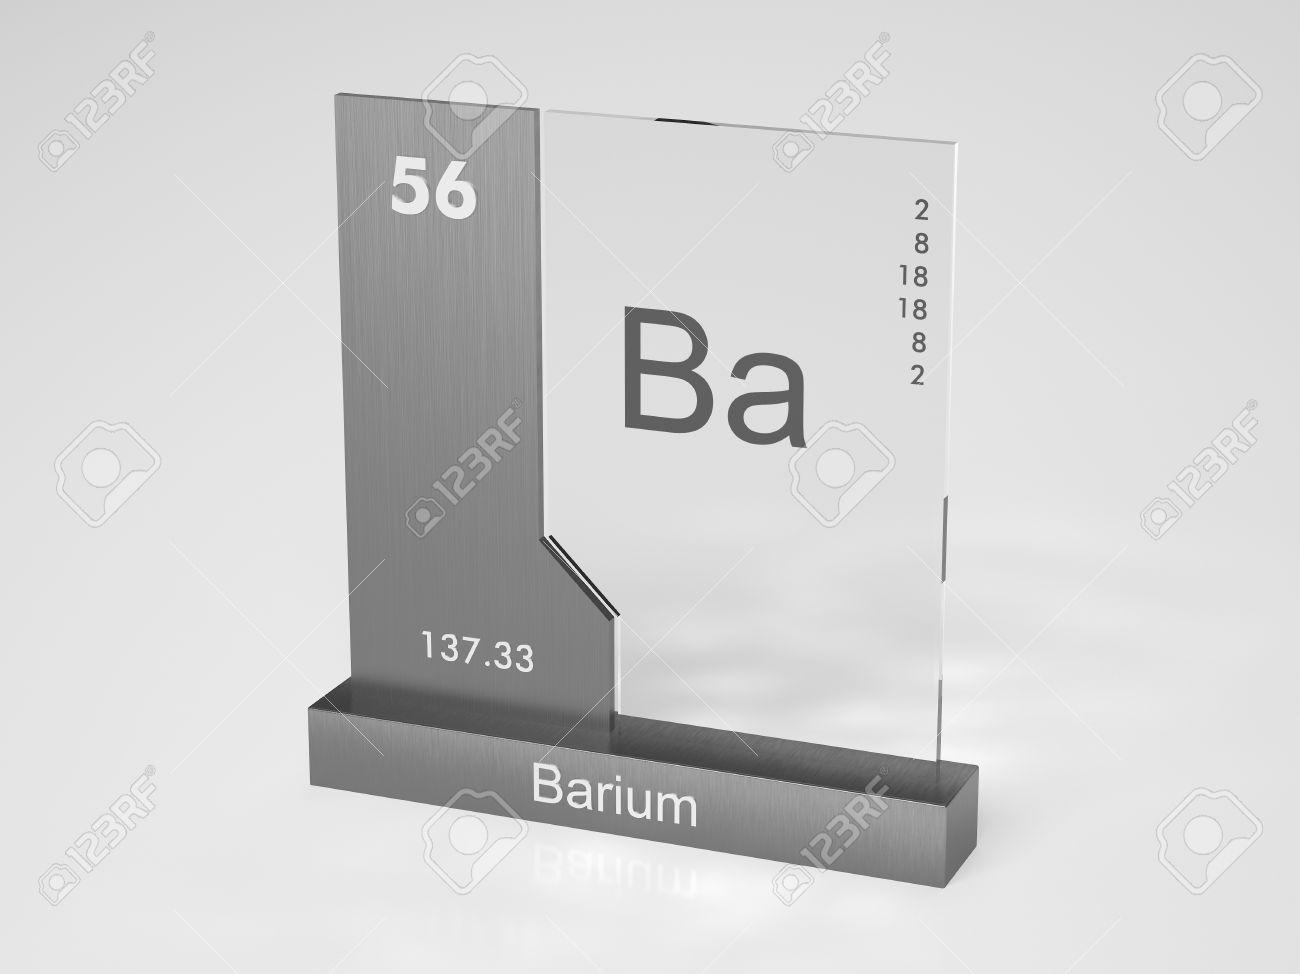 Bario ba smbolo elemento qumico de la tabla peridica fotos bario ba smbolo elemento qumico de la tabla peridica foto de archivo 10470019 urtaz Images